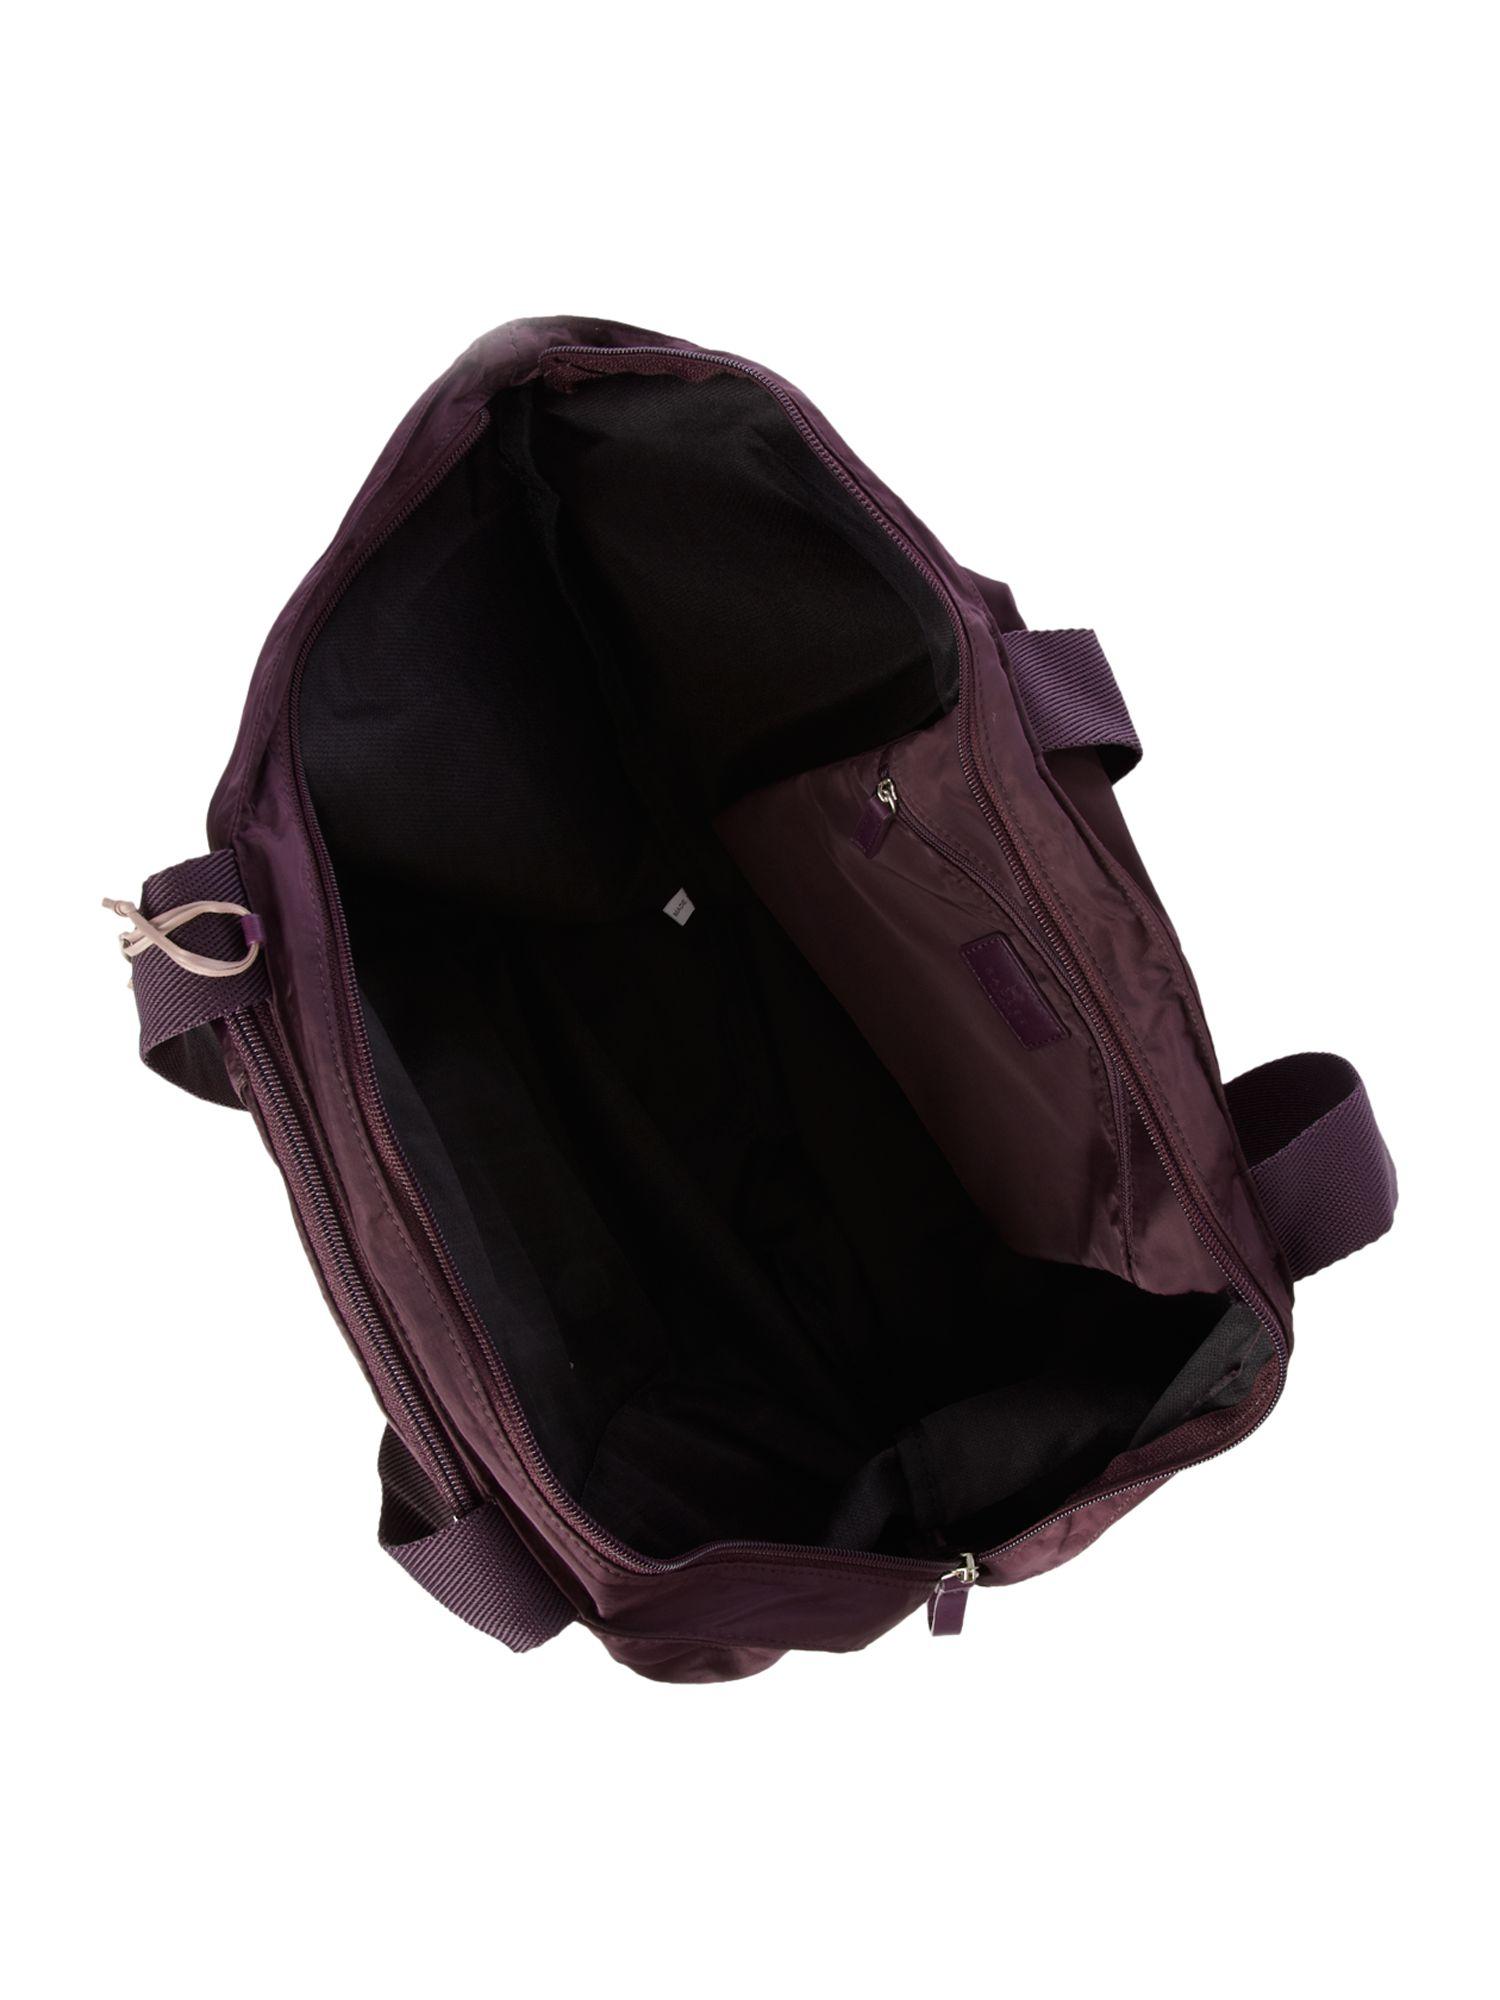 Radley Large Shoulder Foldaway Tote in Purple (Brown)